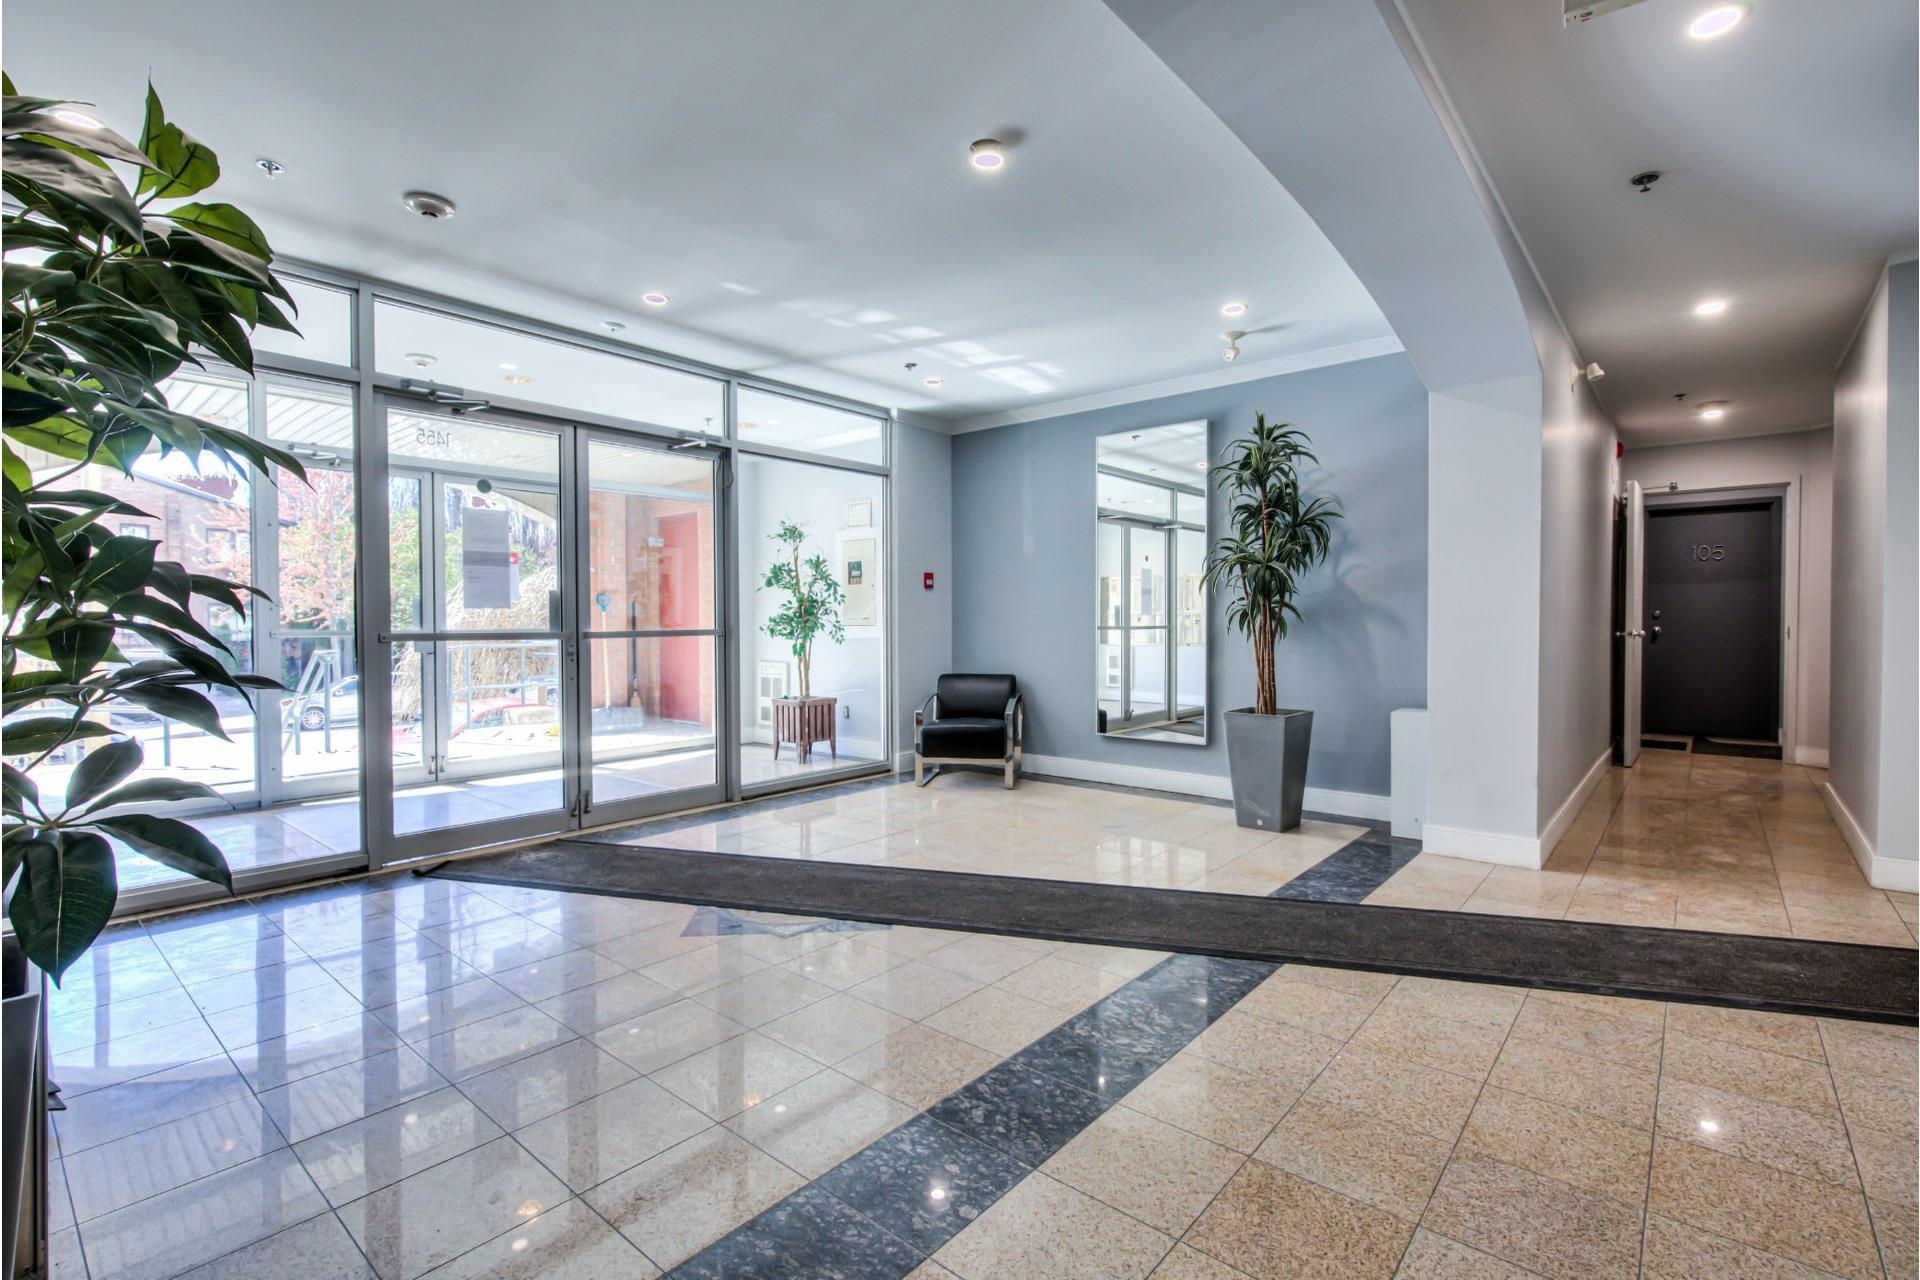 image 27 - Appartement À vendre Ville-Marie Montréal  - 8 pièces